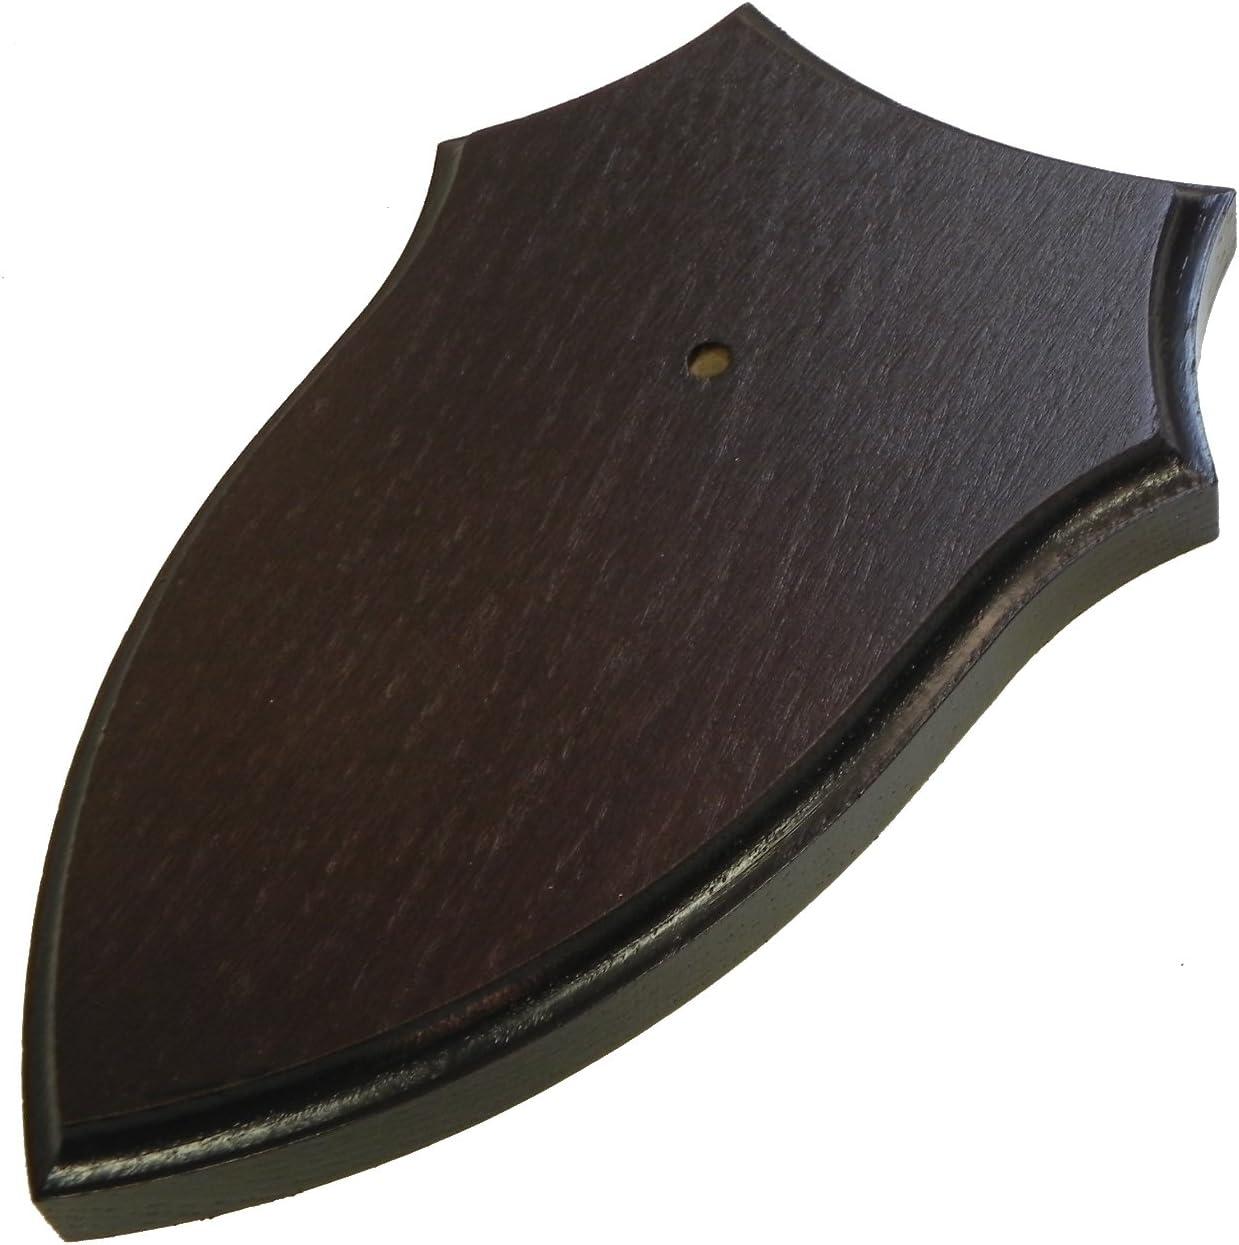 Trofeo Cartel Corzo geh/örn Tabla roble oscuro